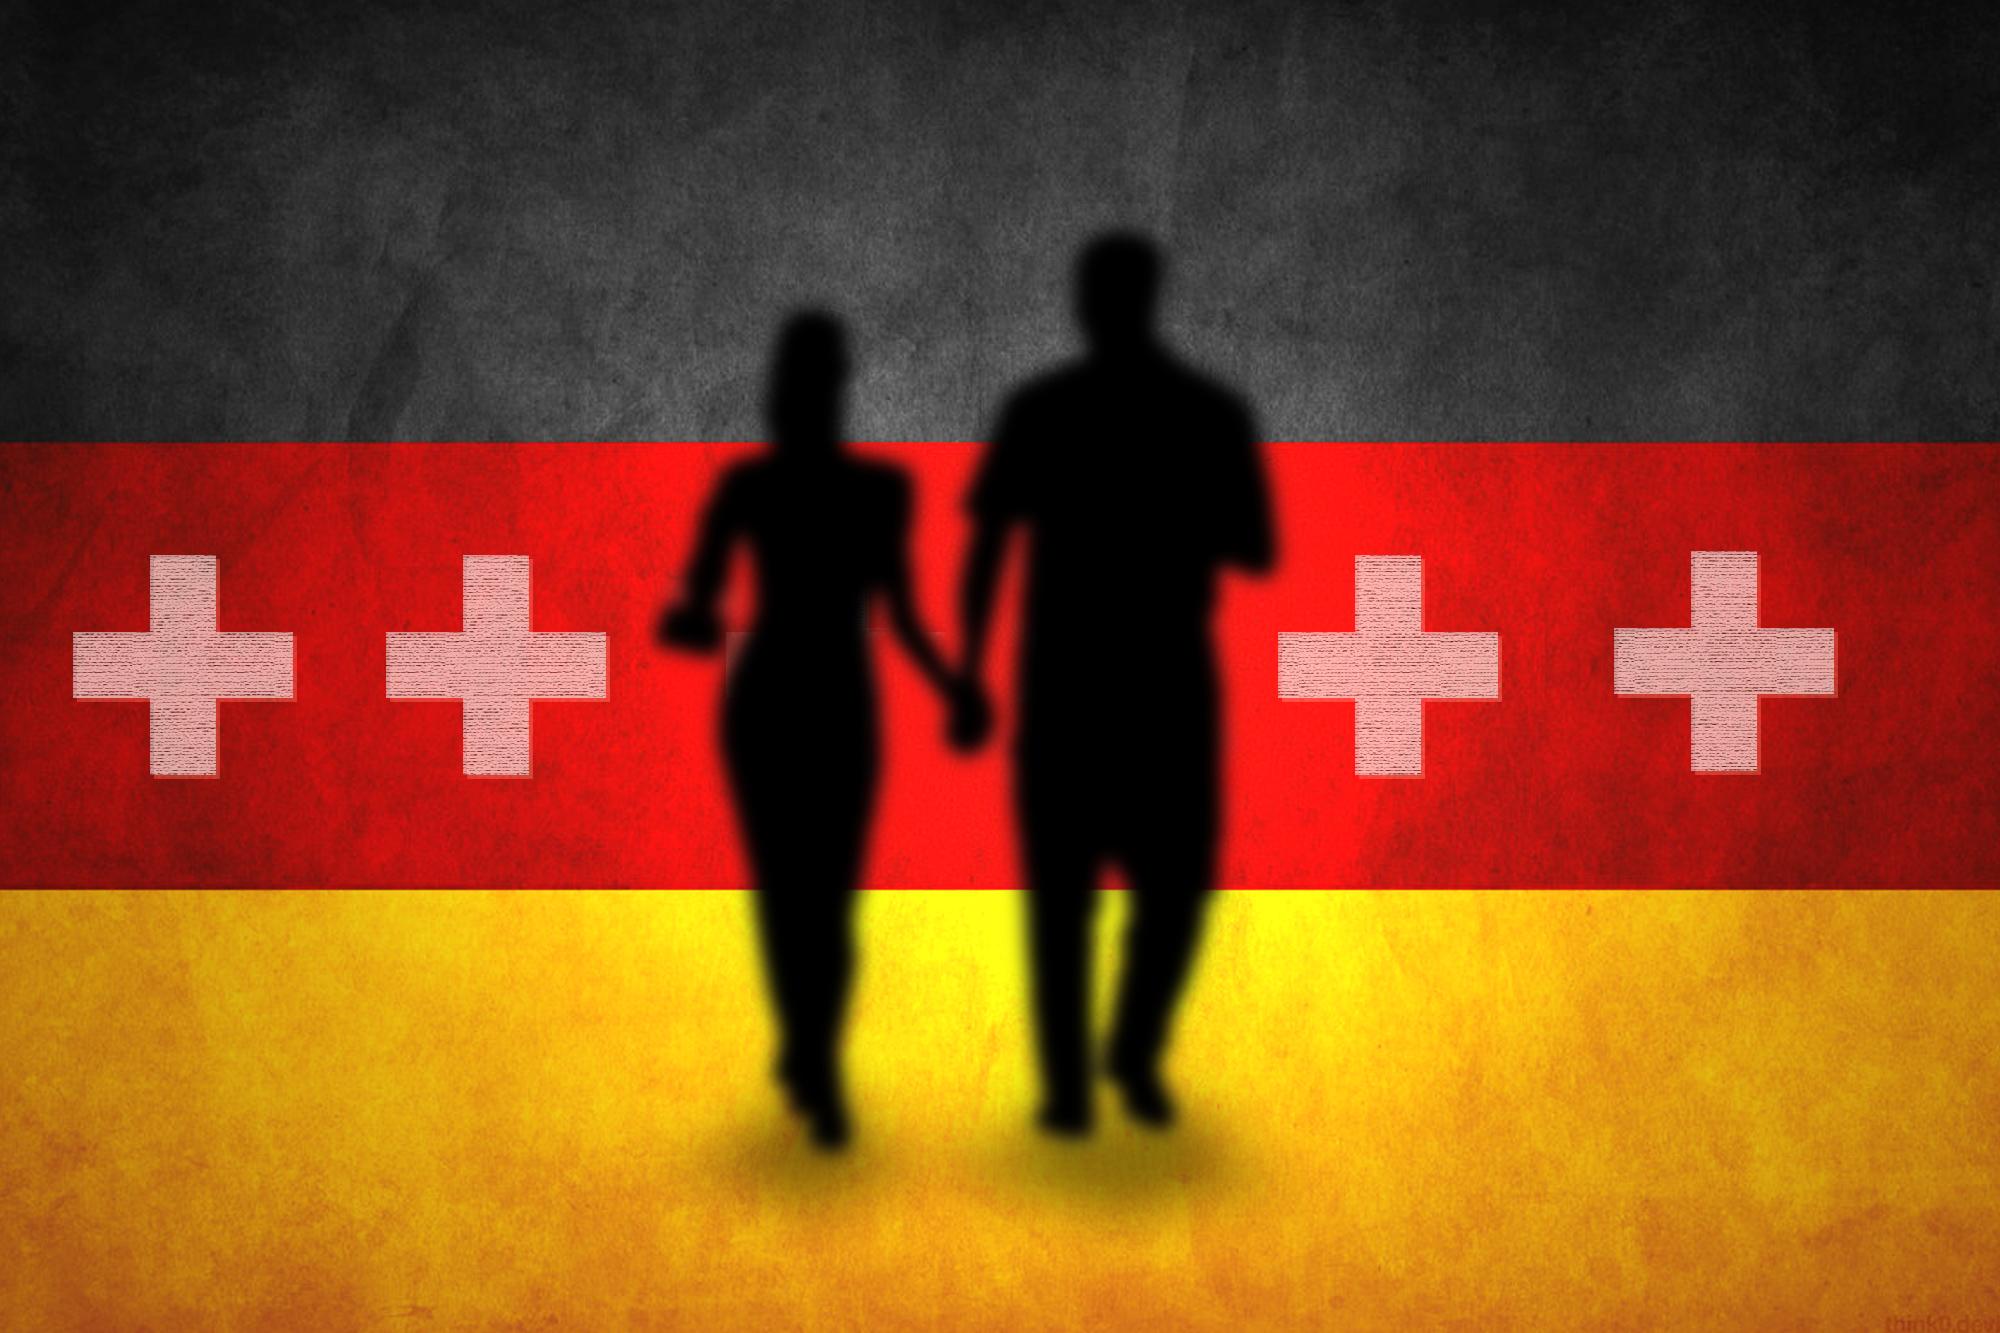 ...andere Einwanderer aus Deutschland machen keine schlechten Erfahrungen.